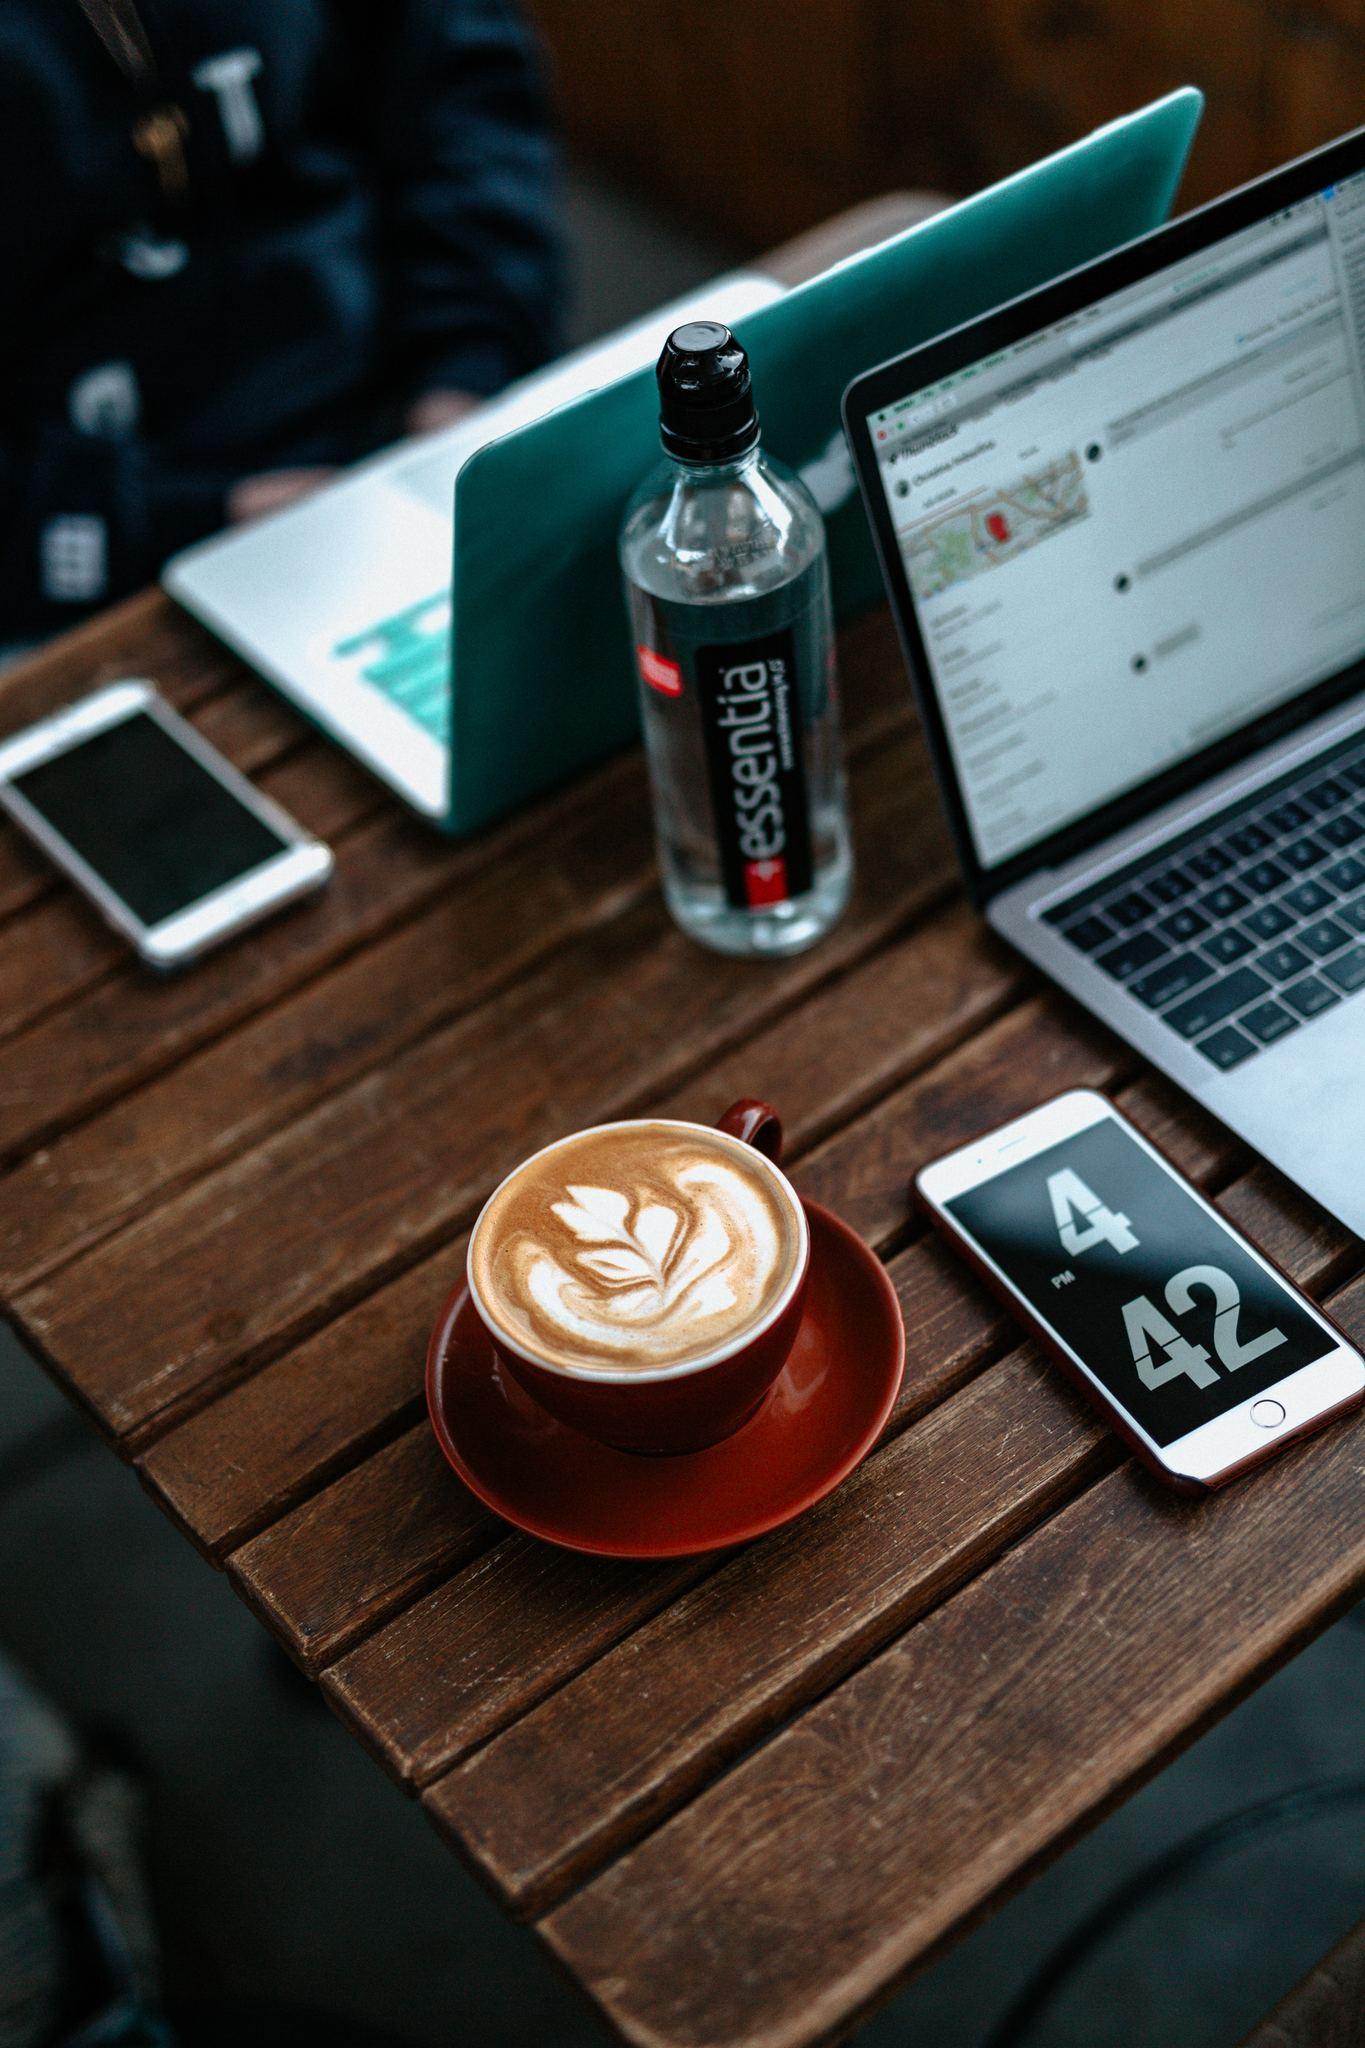 Как кофе связан с кинематографом?